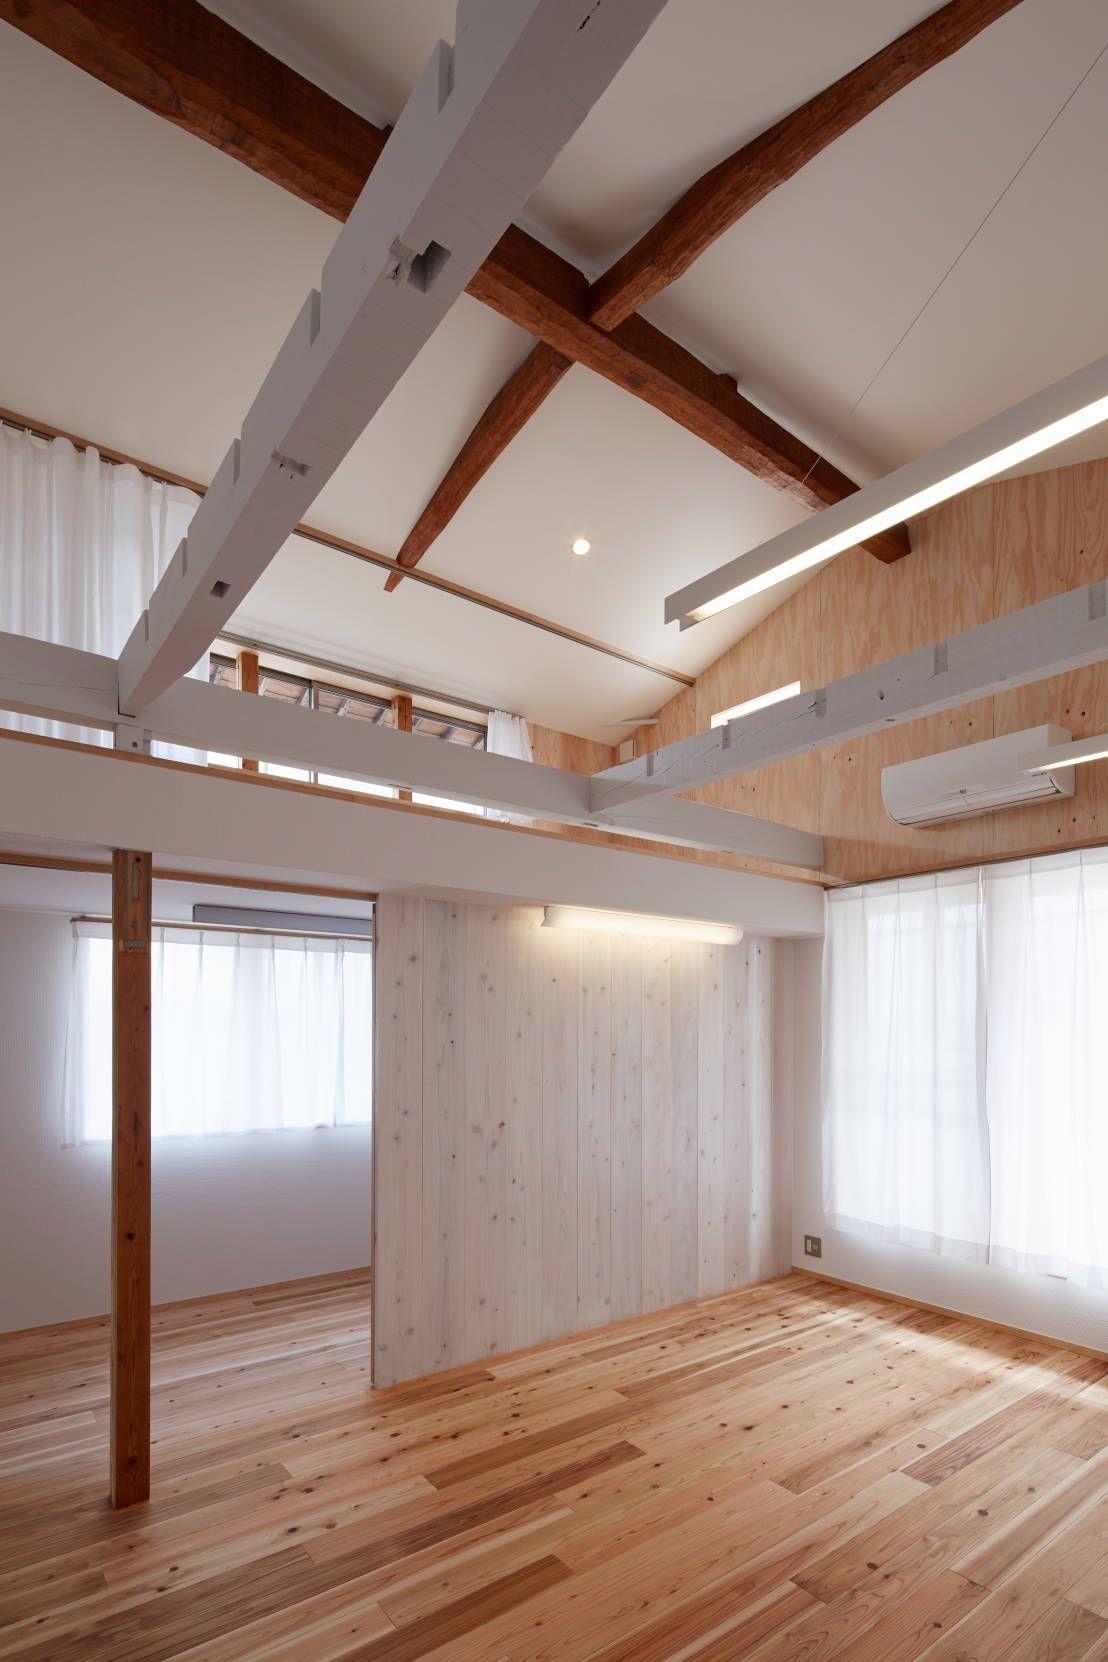 農業用倉庫が4人家族の快適な住宅へ生まれ変わったリノベーション